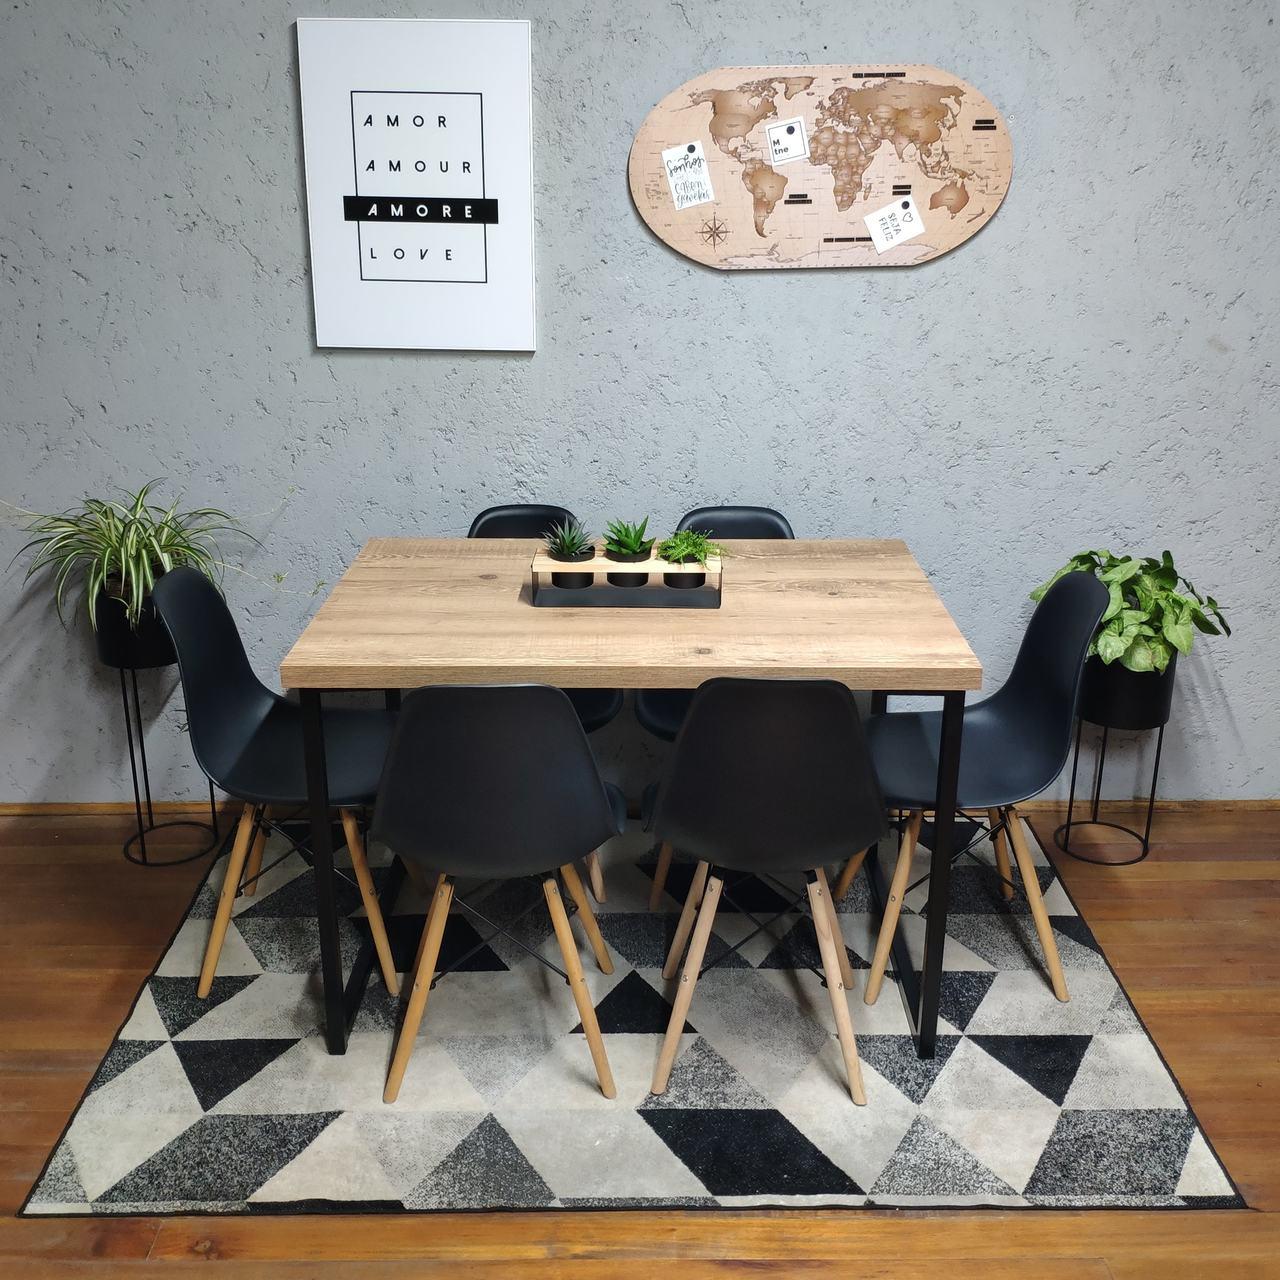 Mesa de Jantar Antiqua Squared Legs com 6 Cadeiras Eames Pretas